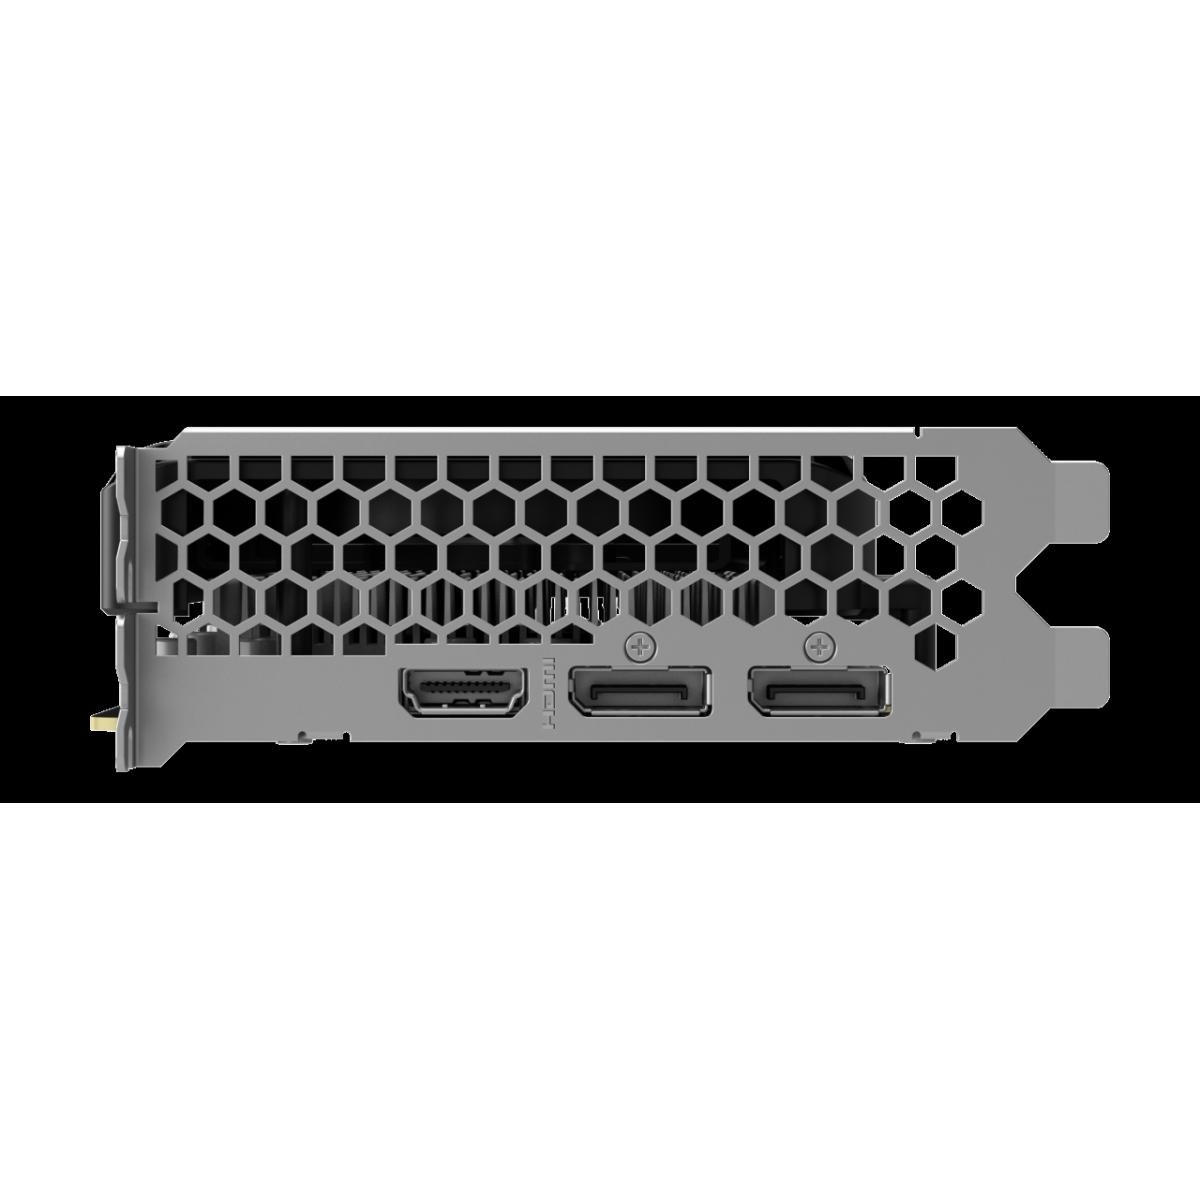 Placa de Vídeo Palit NVIDIA GeForce GTX 1650 GP, 4GB, GDDR5, 128bit, NE6165001BG1-1175A